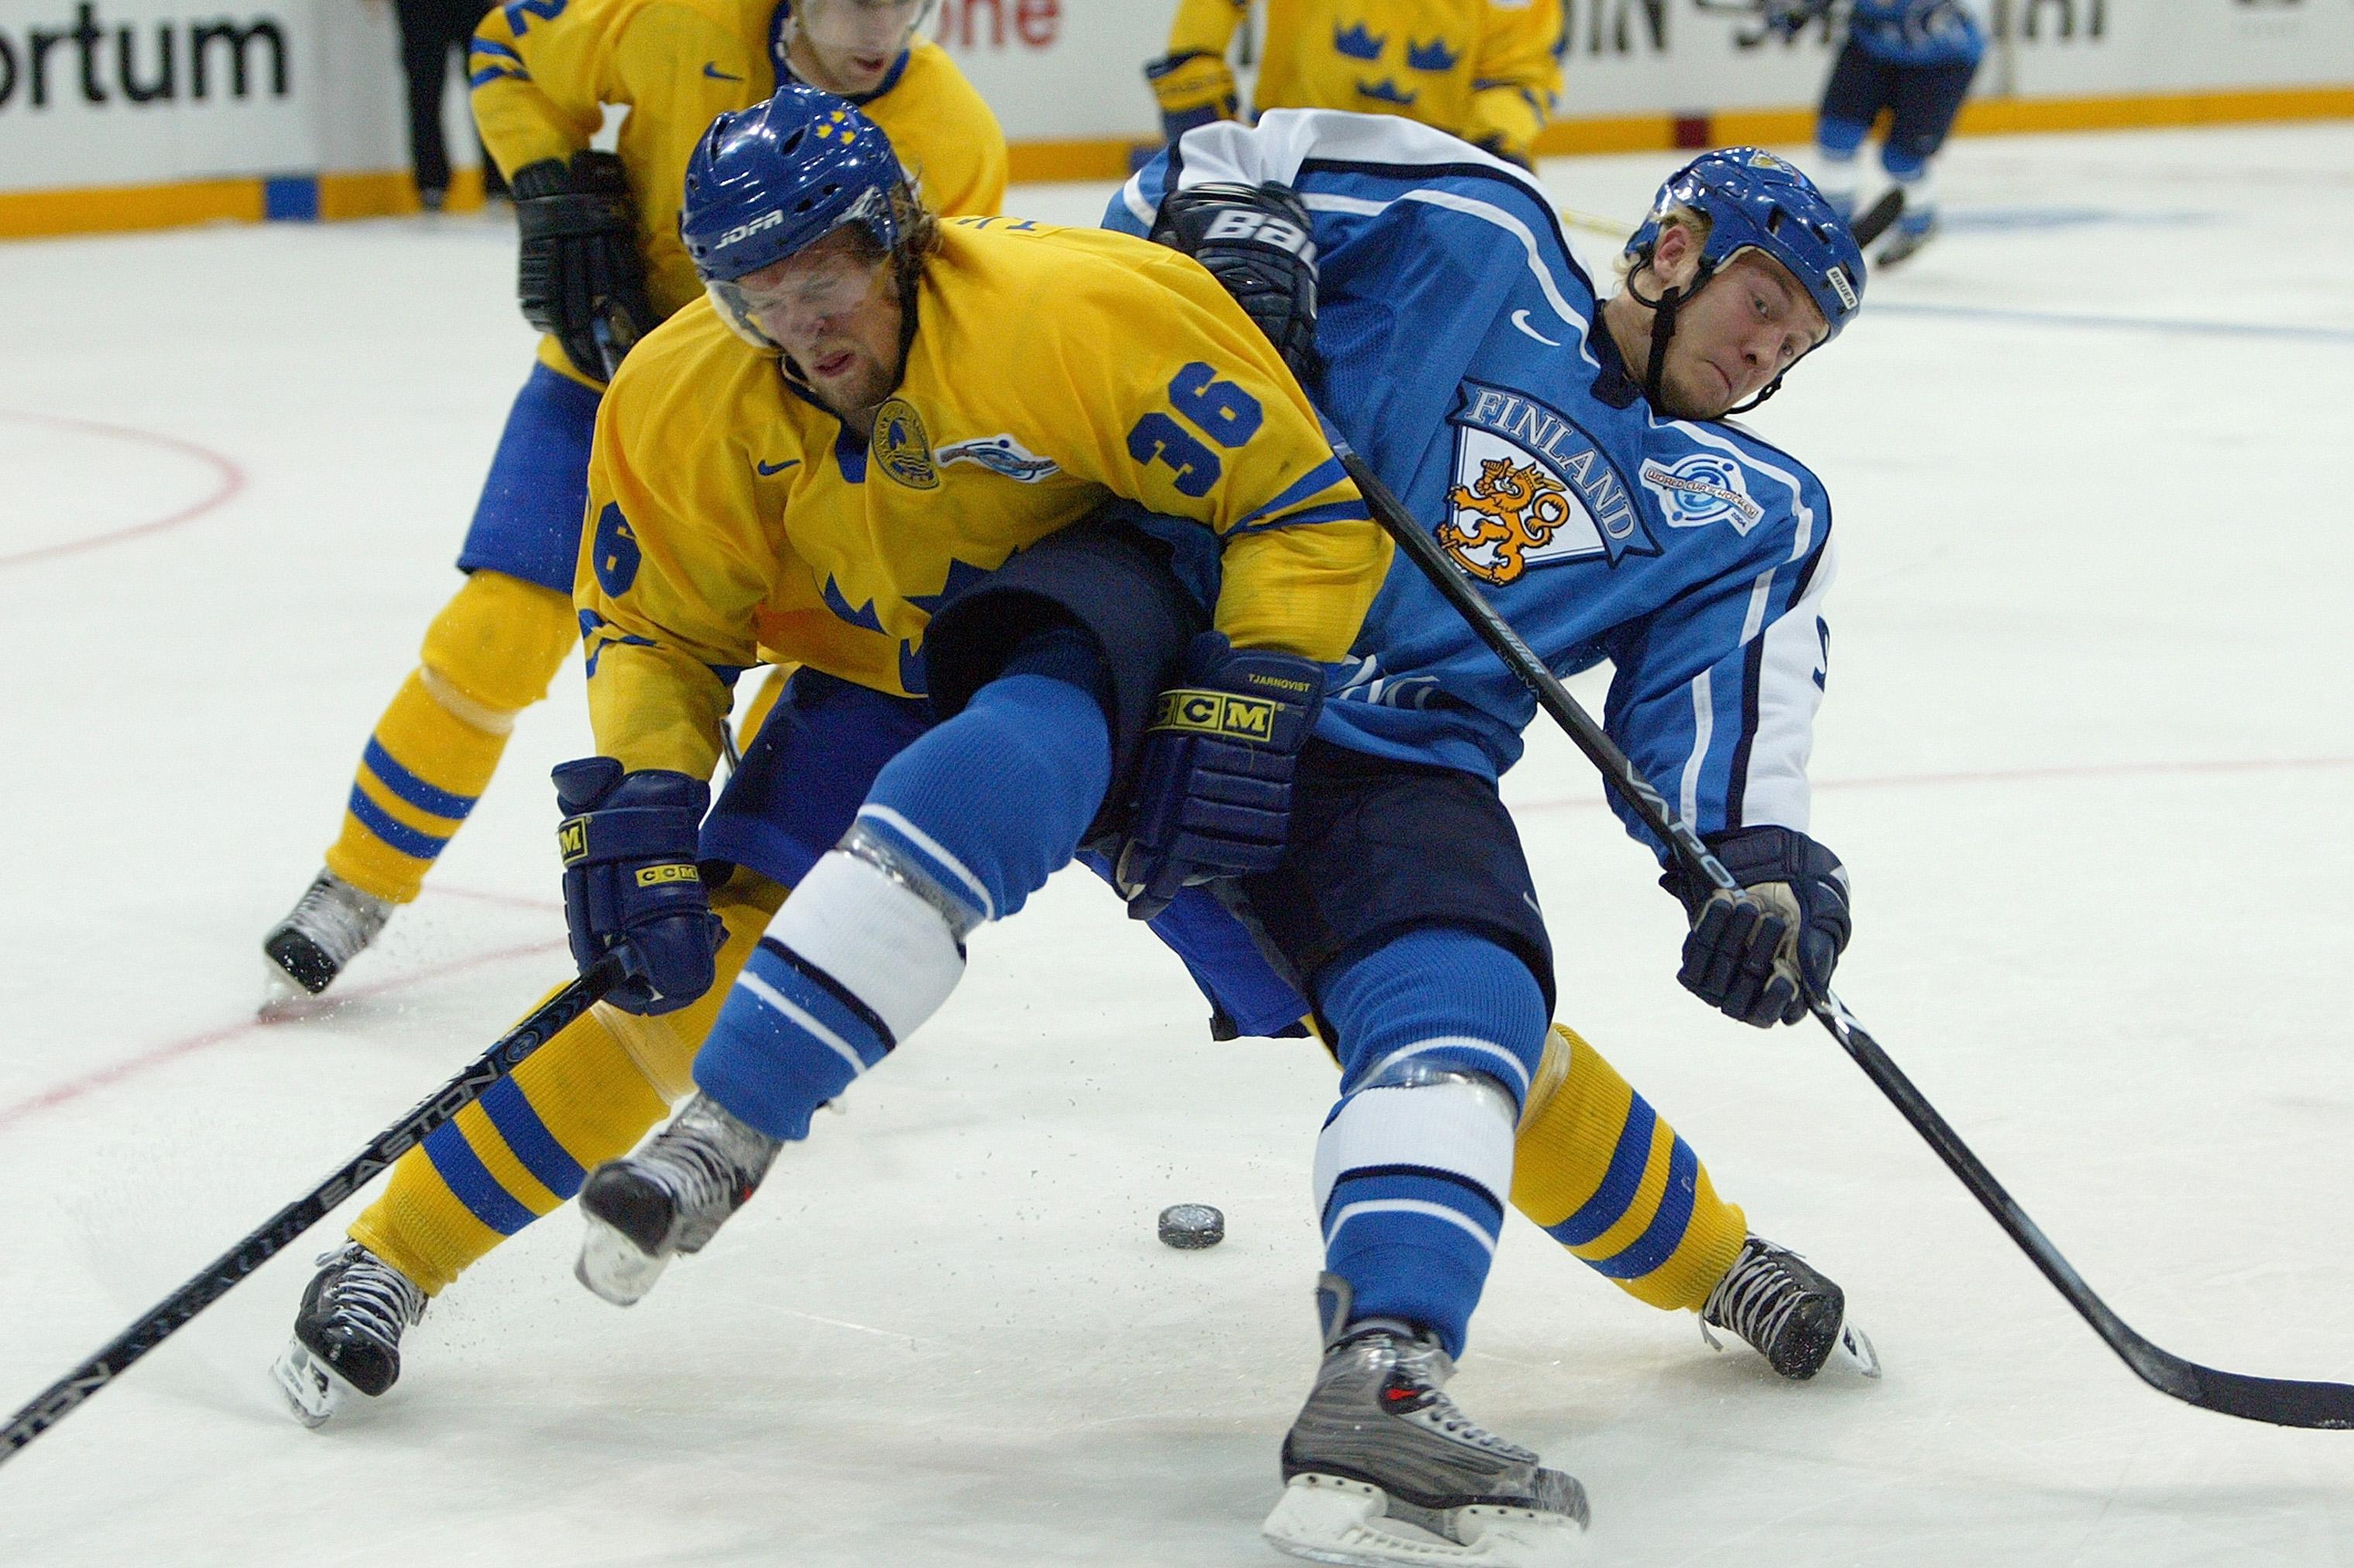 Sweden v Finland